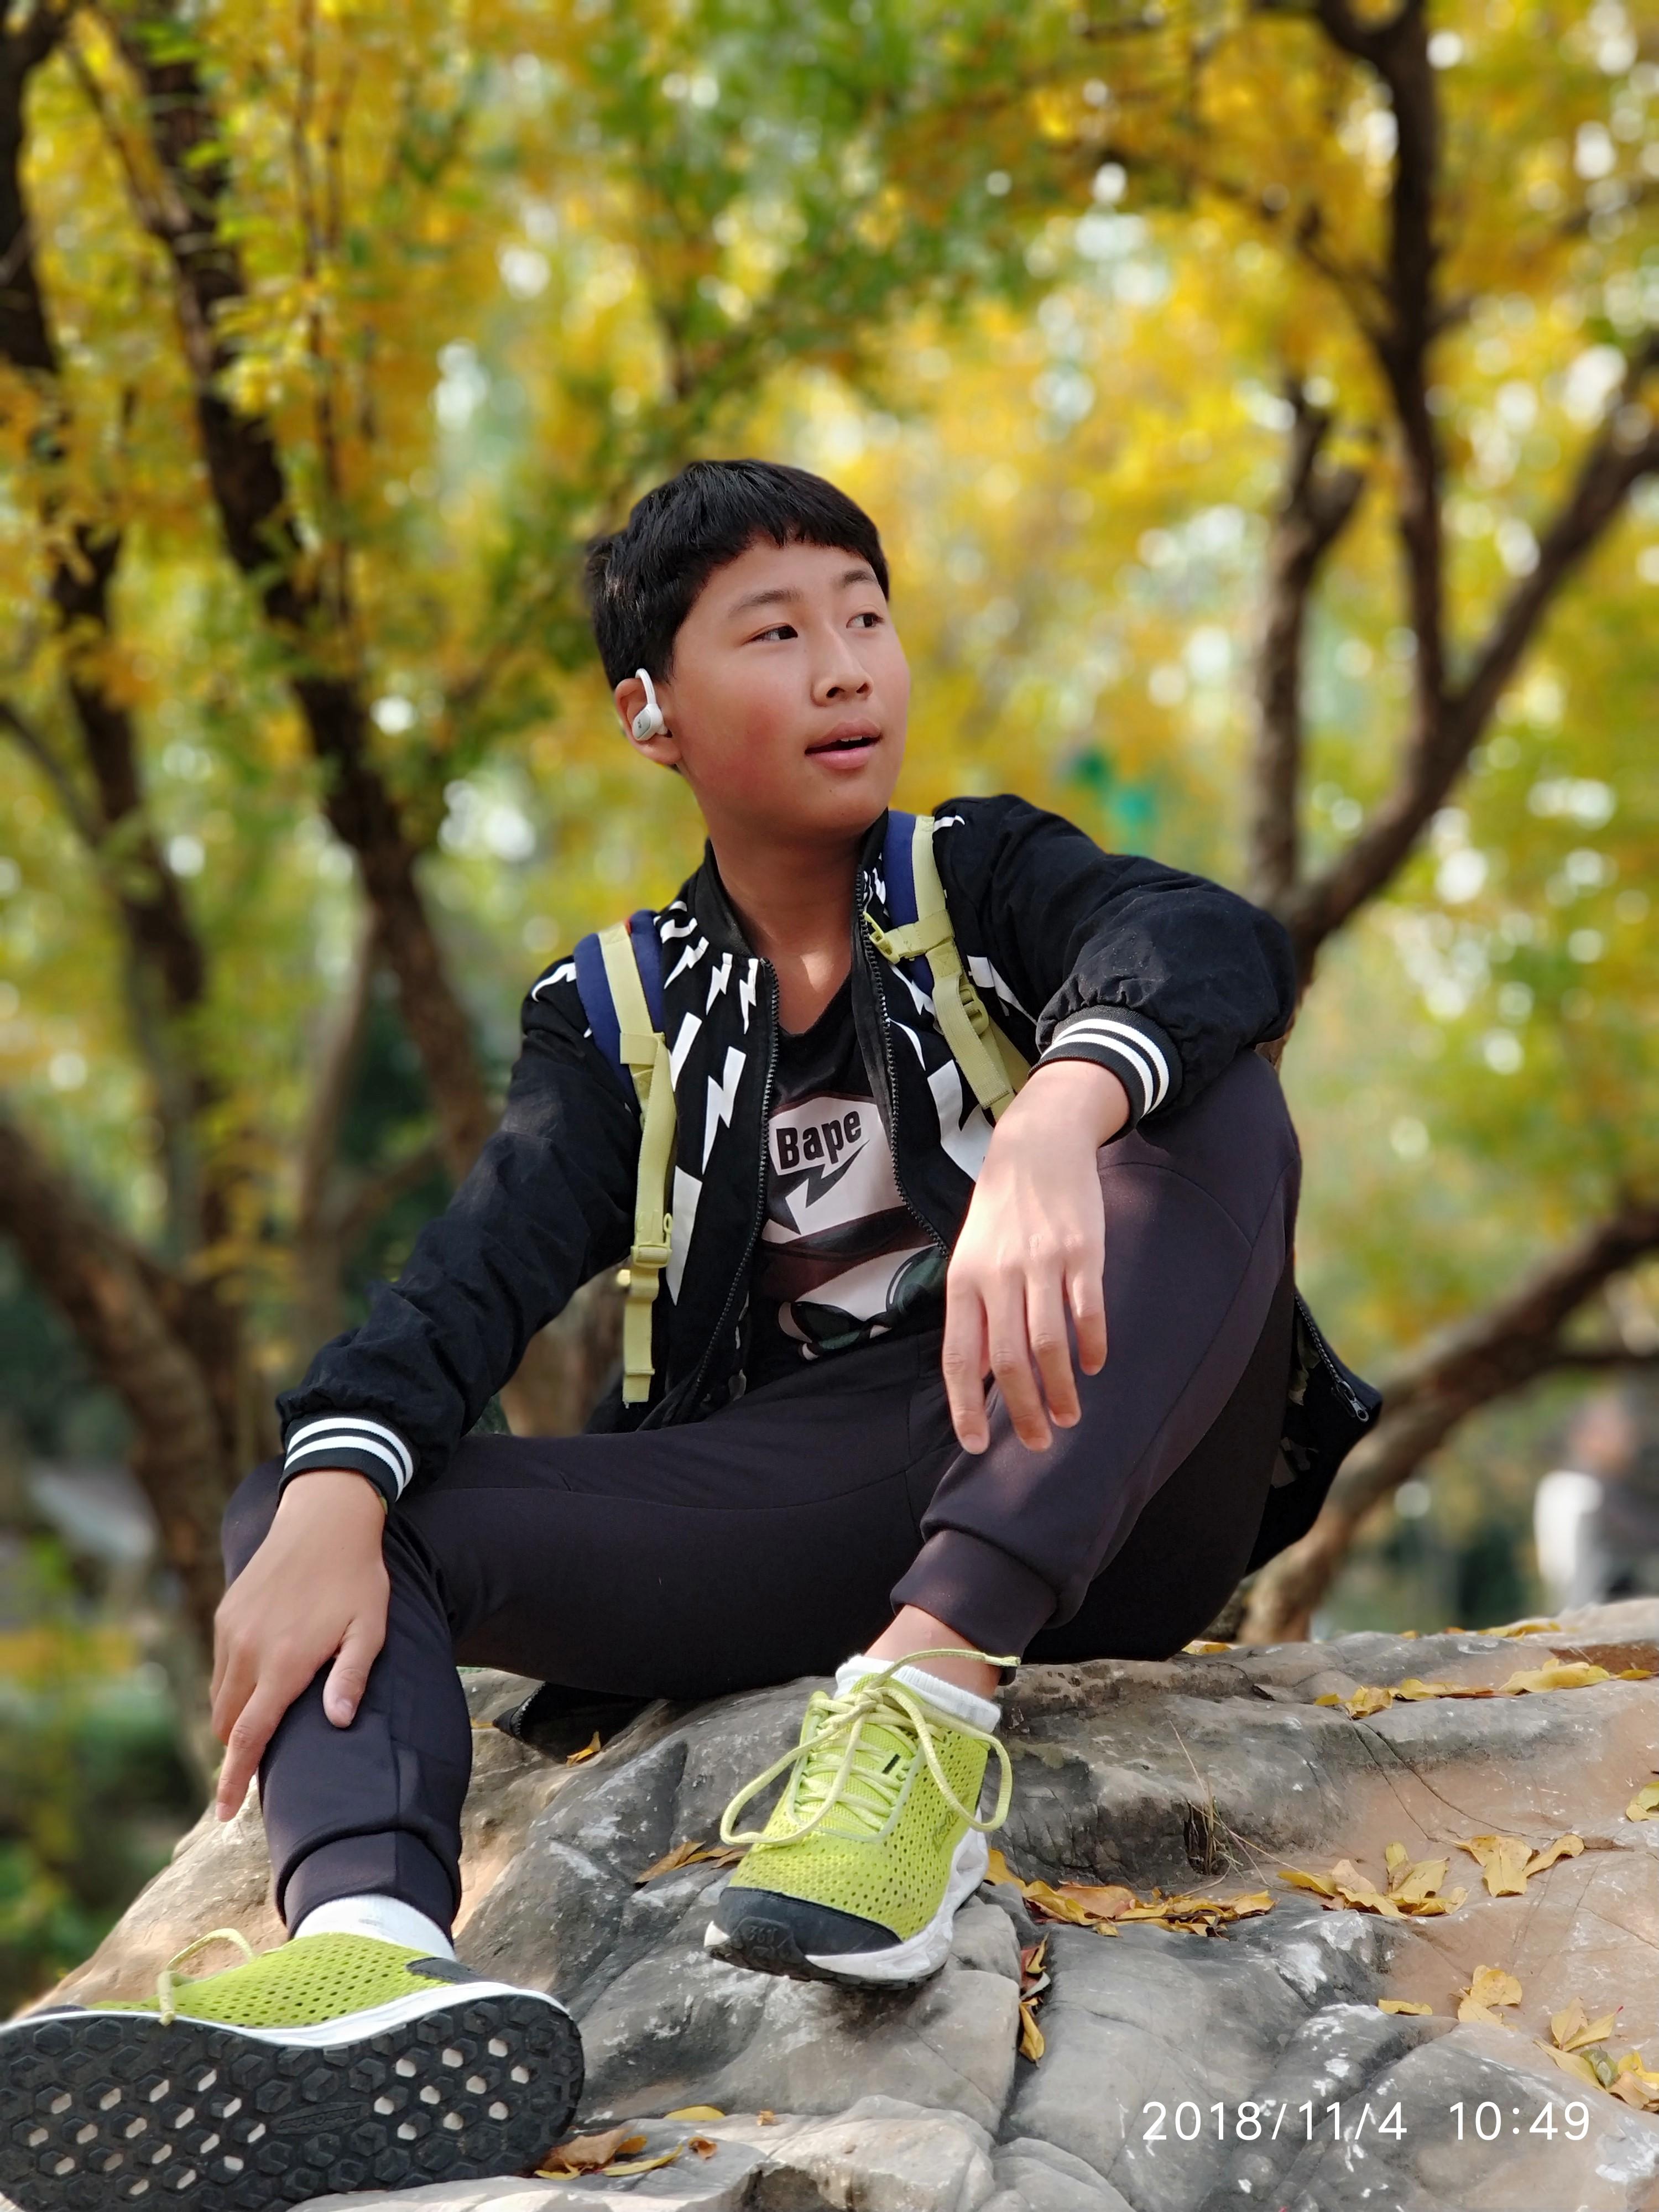 12岁小学生创作近十万字小说 启元学校学生曹涵杰钟爱写作